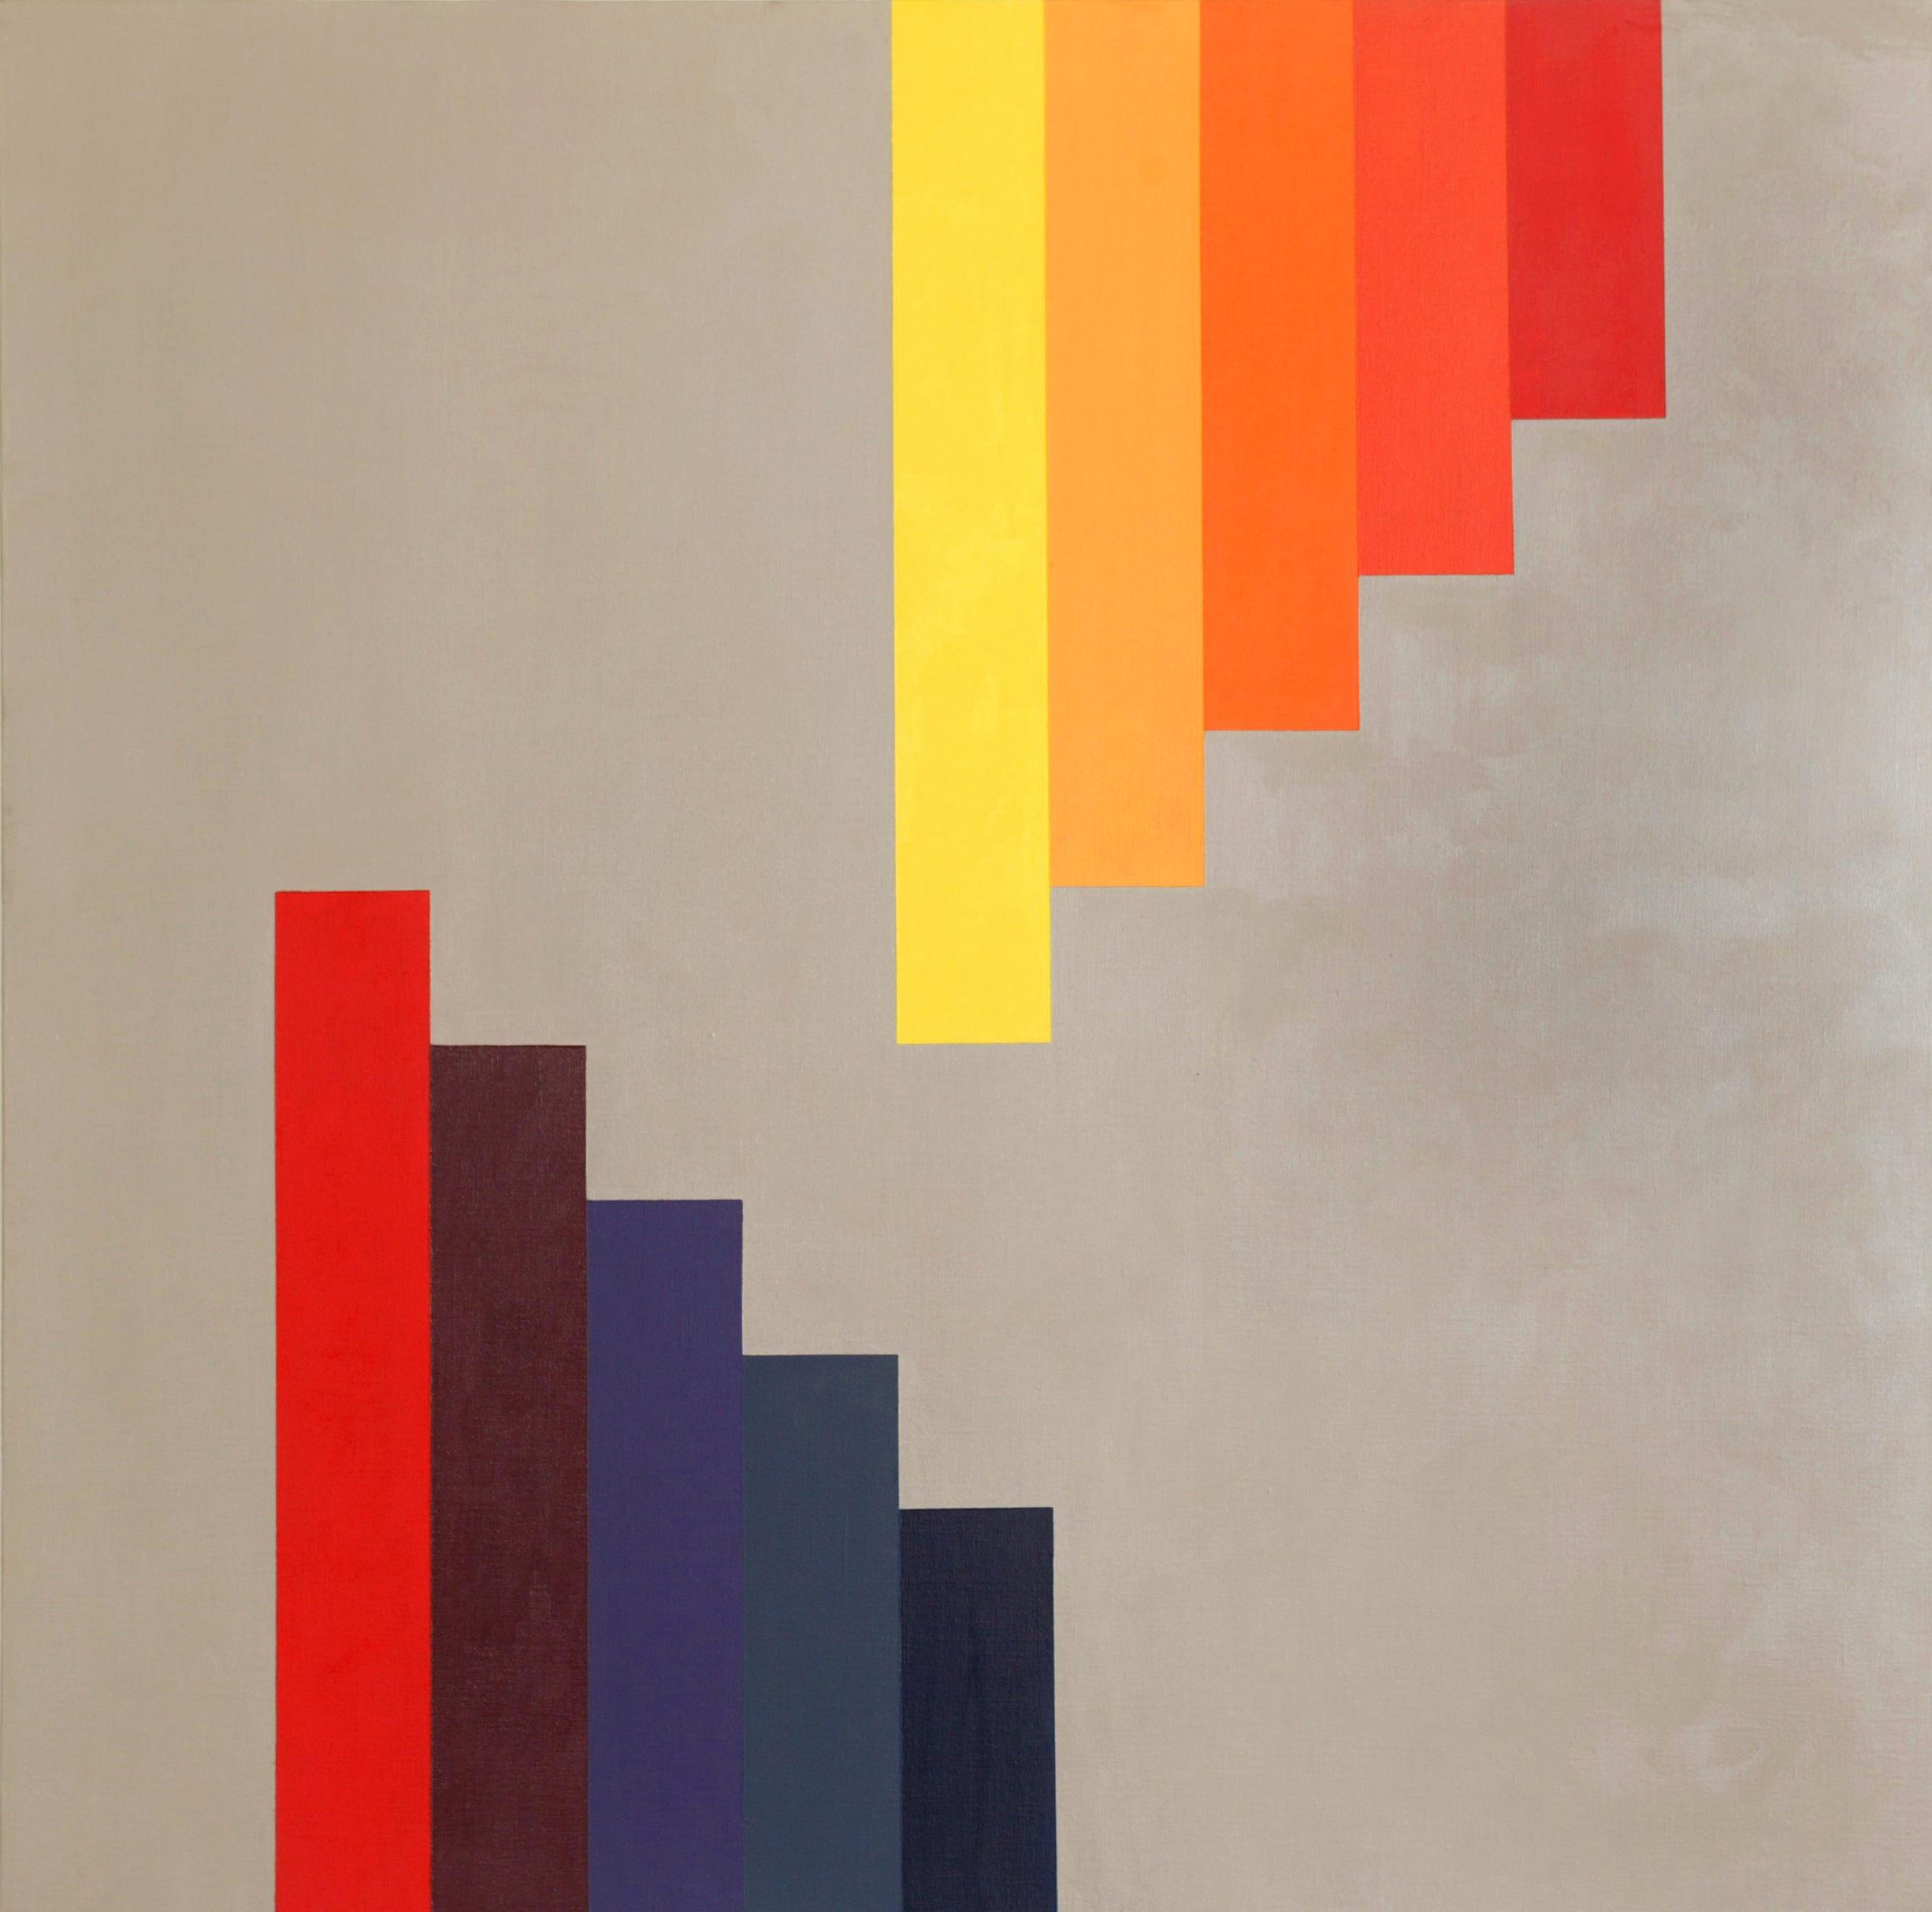 Obras-de-Gustavo-Poblete-DJV-A02-99